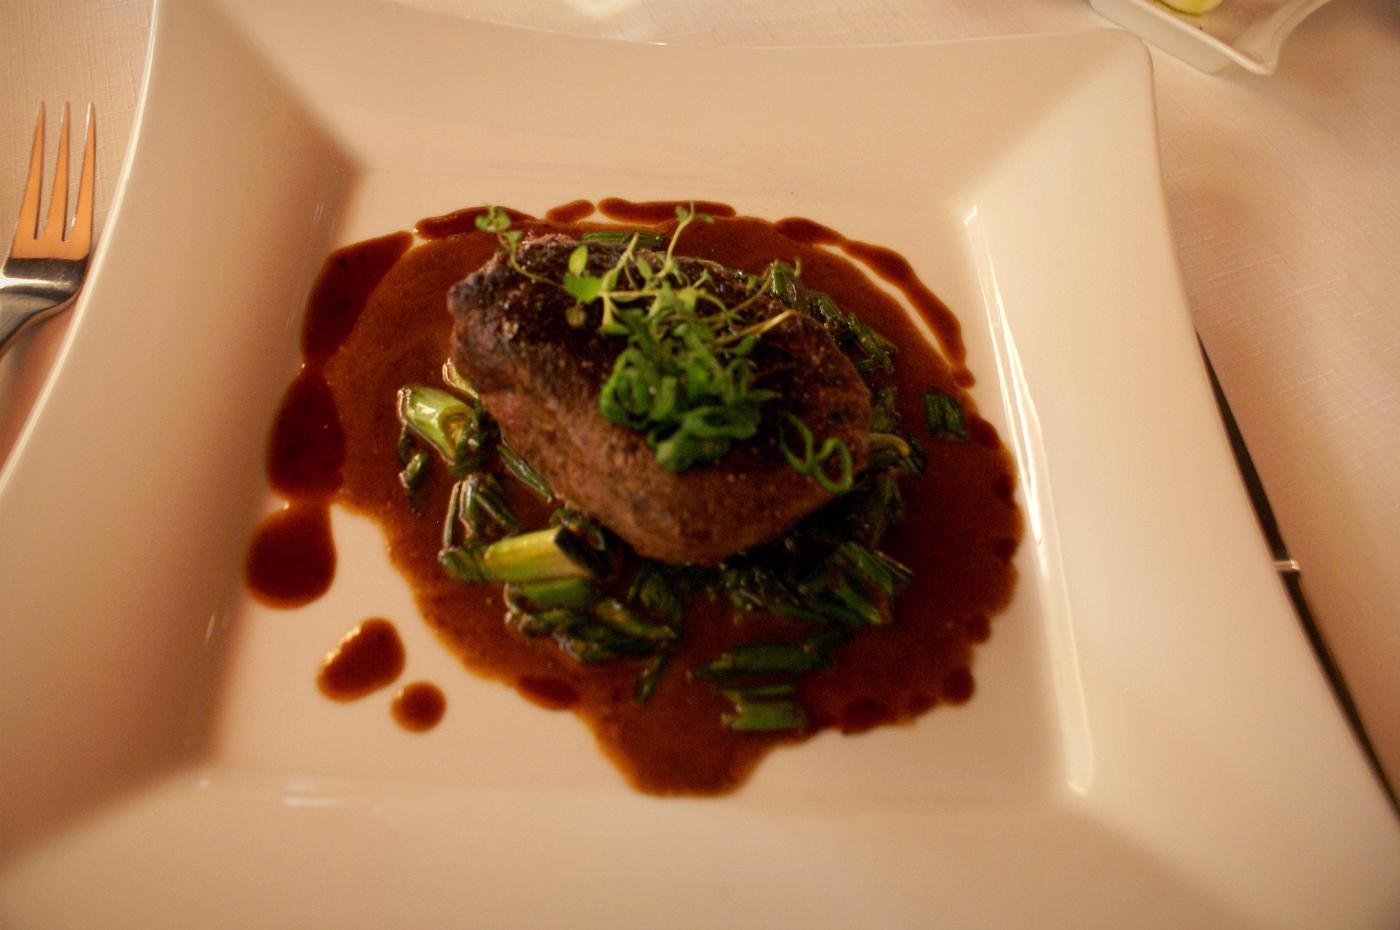 hovädzí steak zo sviečkovice s jarnou cibuľkou na červenom víne - reštaurácia Iris